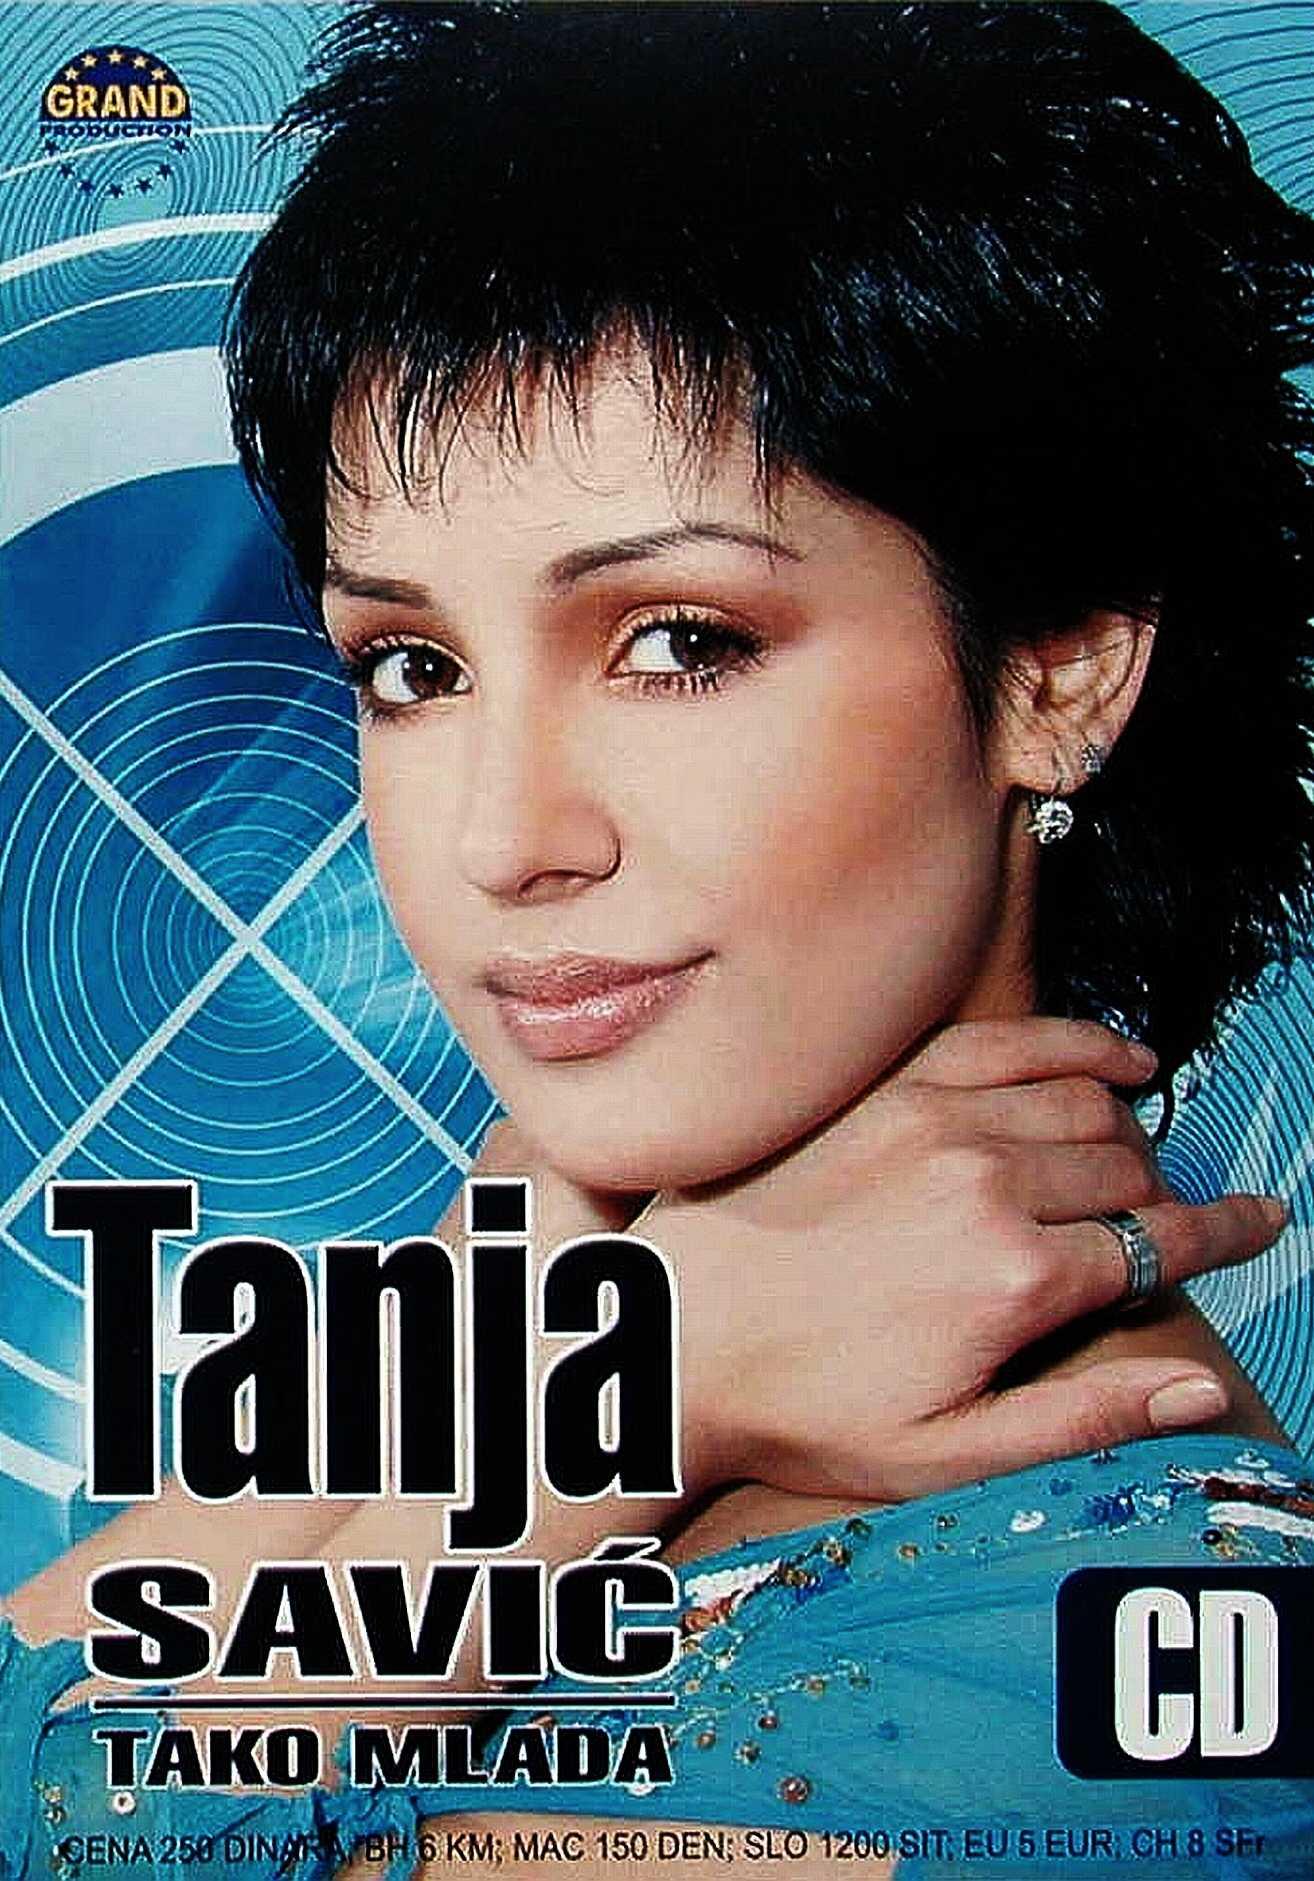 Tanja Savic - Tako mlada